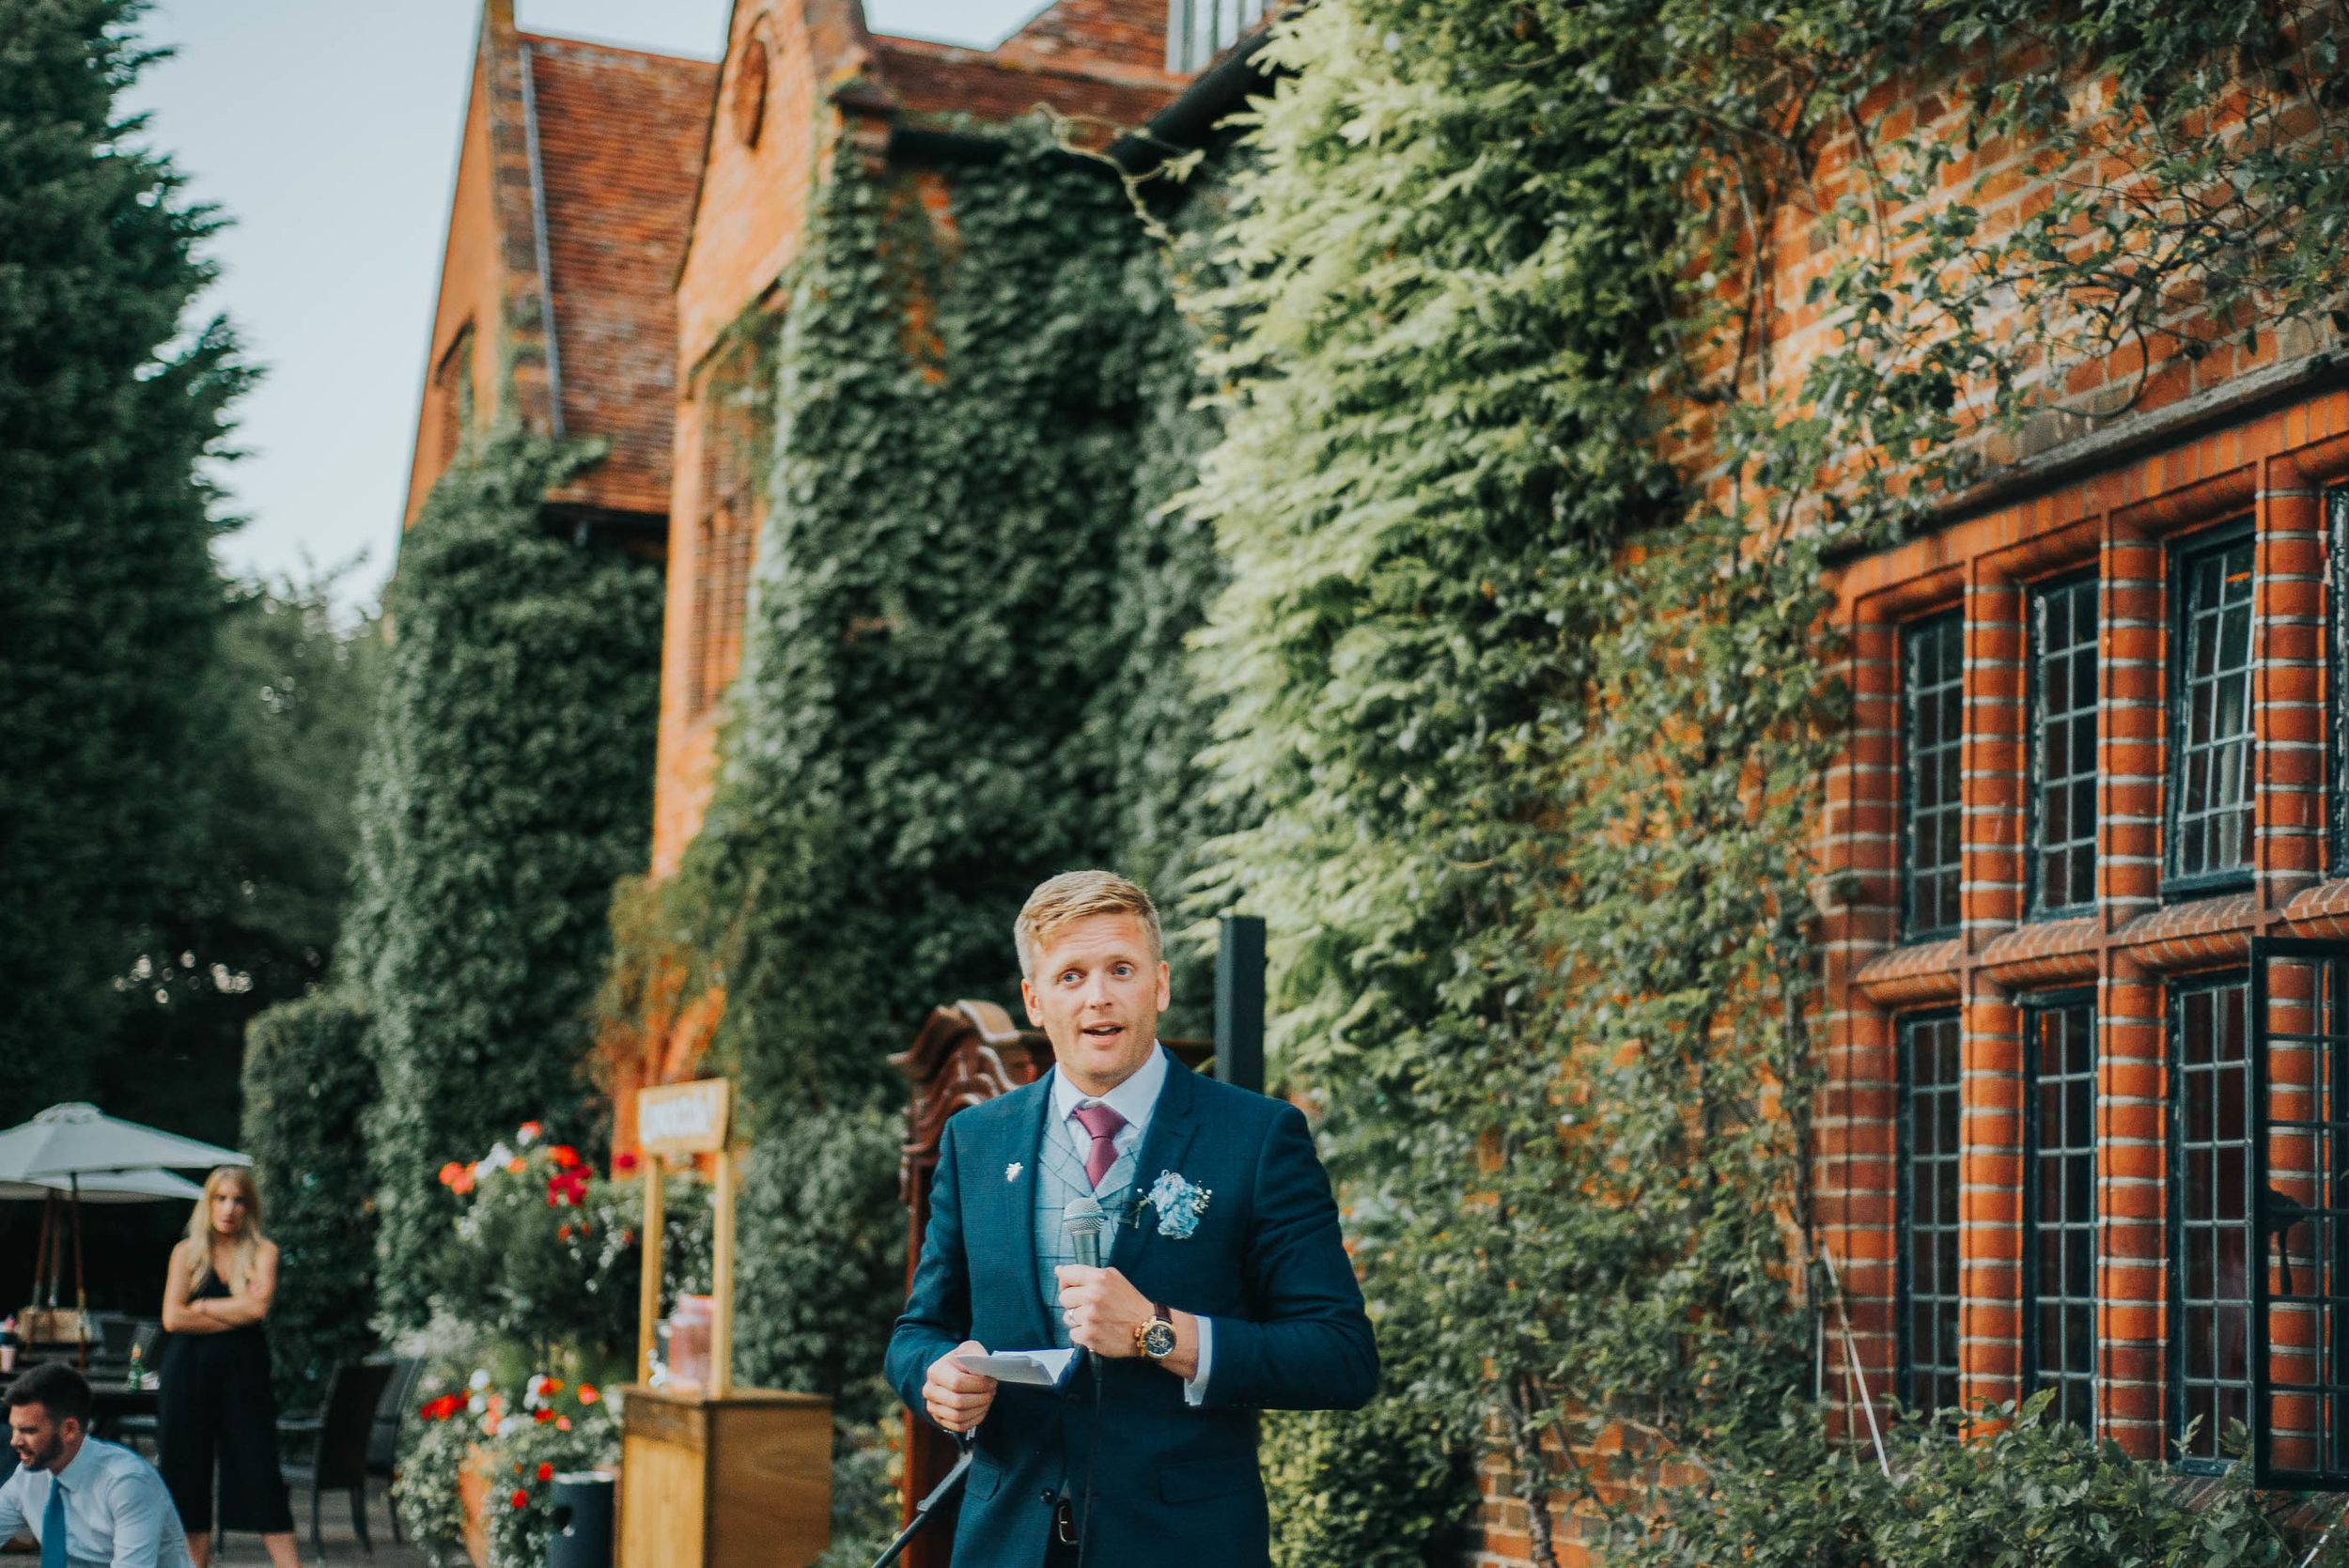 Creative Unique Wedding Photographer Essex Suffolk UK Wedding Photographer www.purplepeartreephotography.com (962).JPG